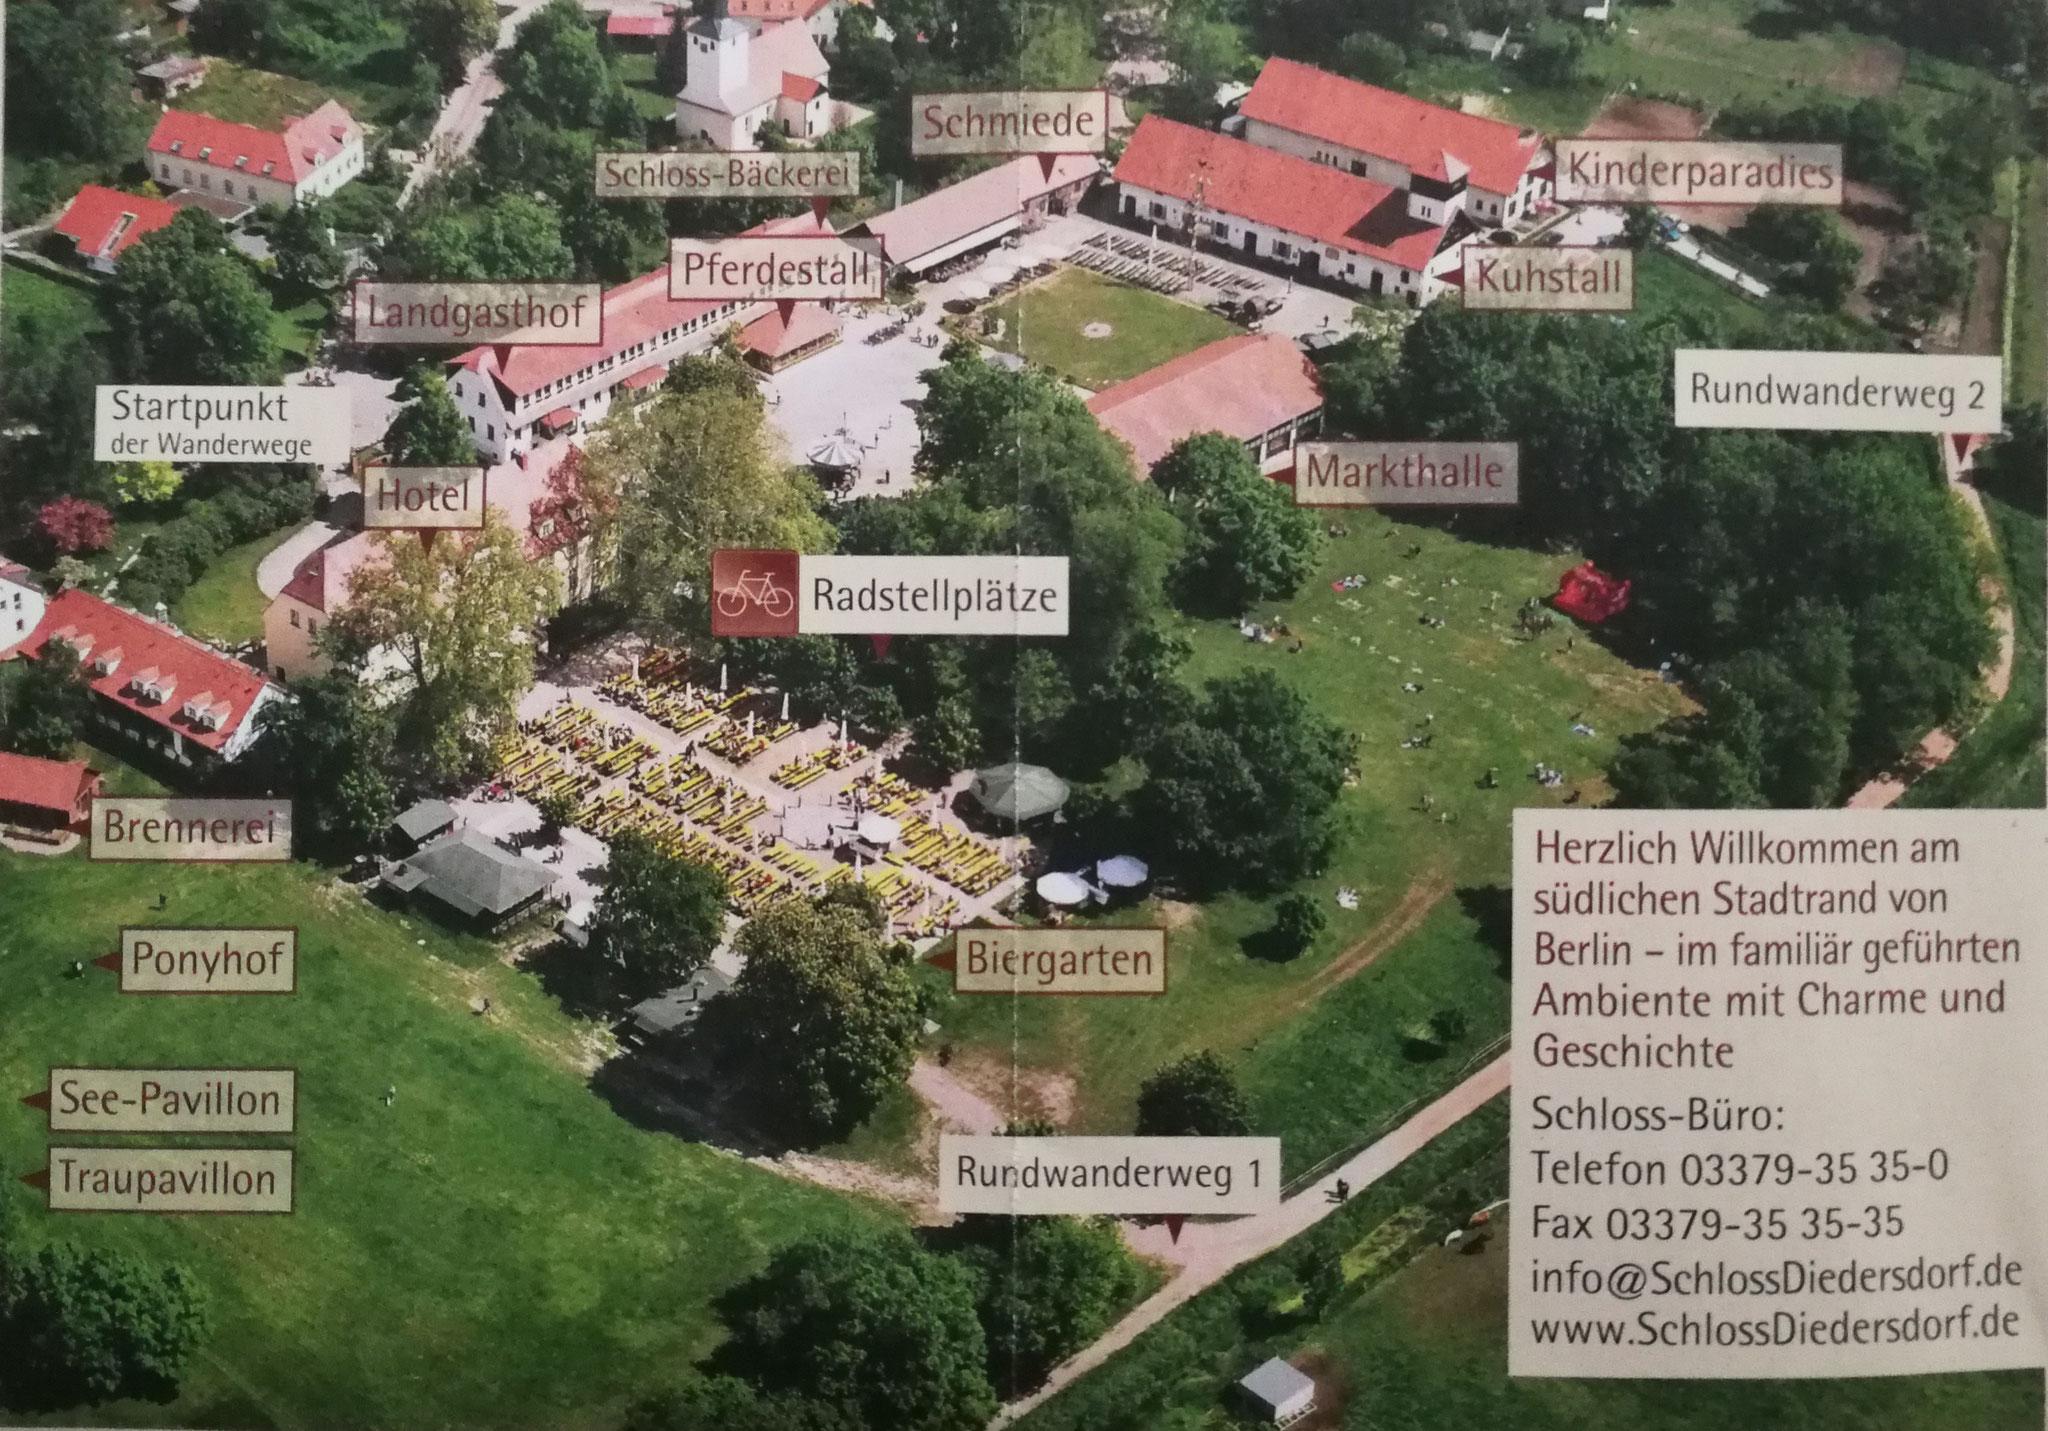 Das Schloss-Areal u.a. mit Hotel, Restaurant, Café, Biergarten, Veranstaltungsräumlichkeiten, Angeboten für Kinder